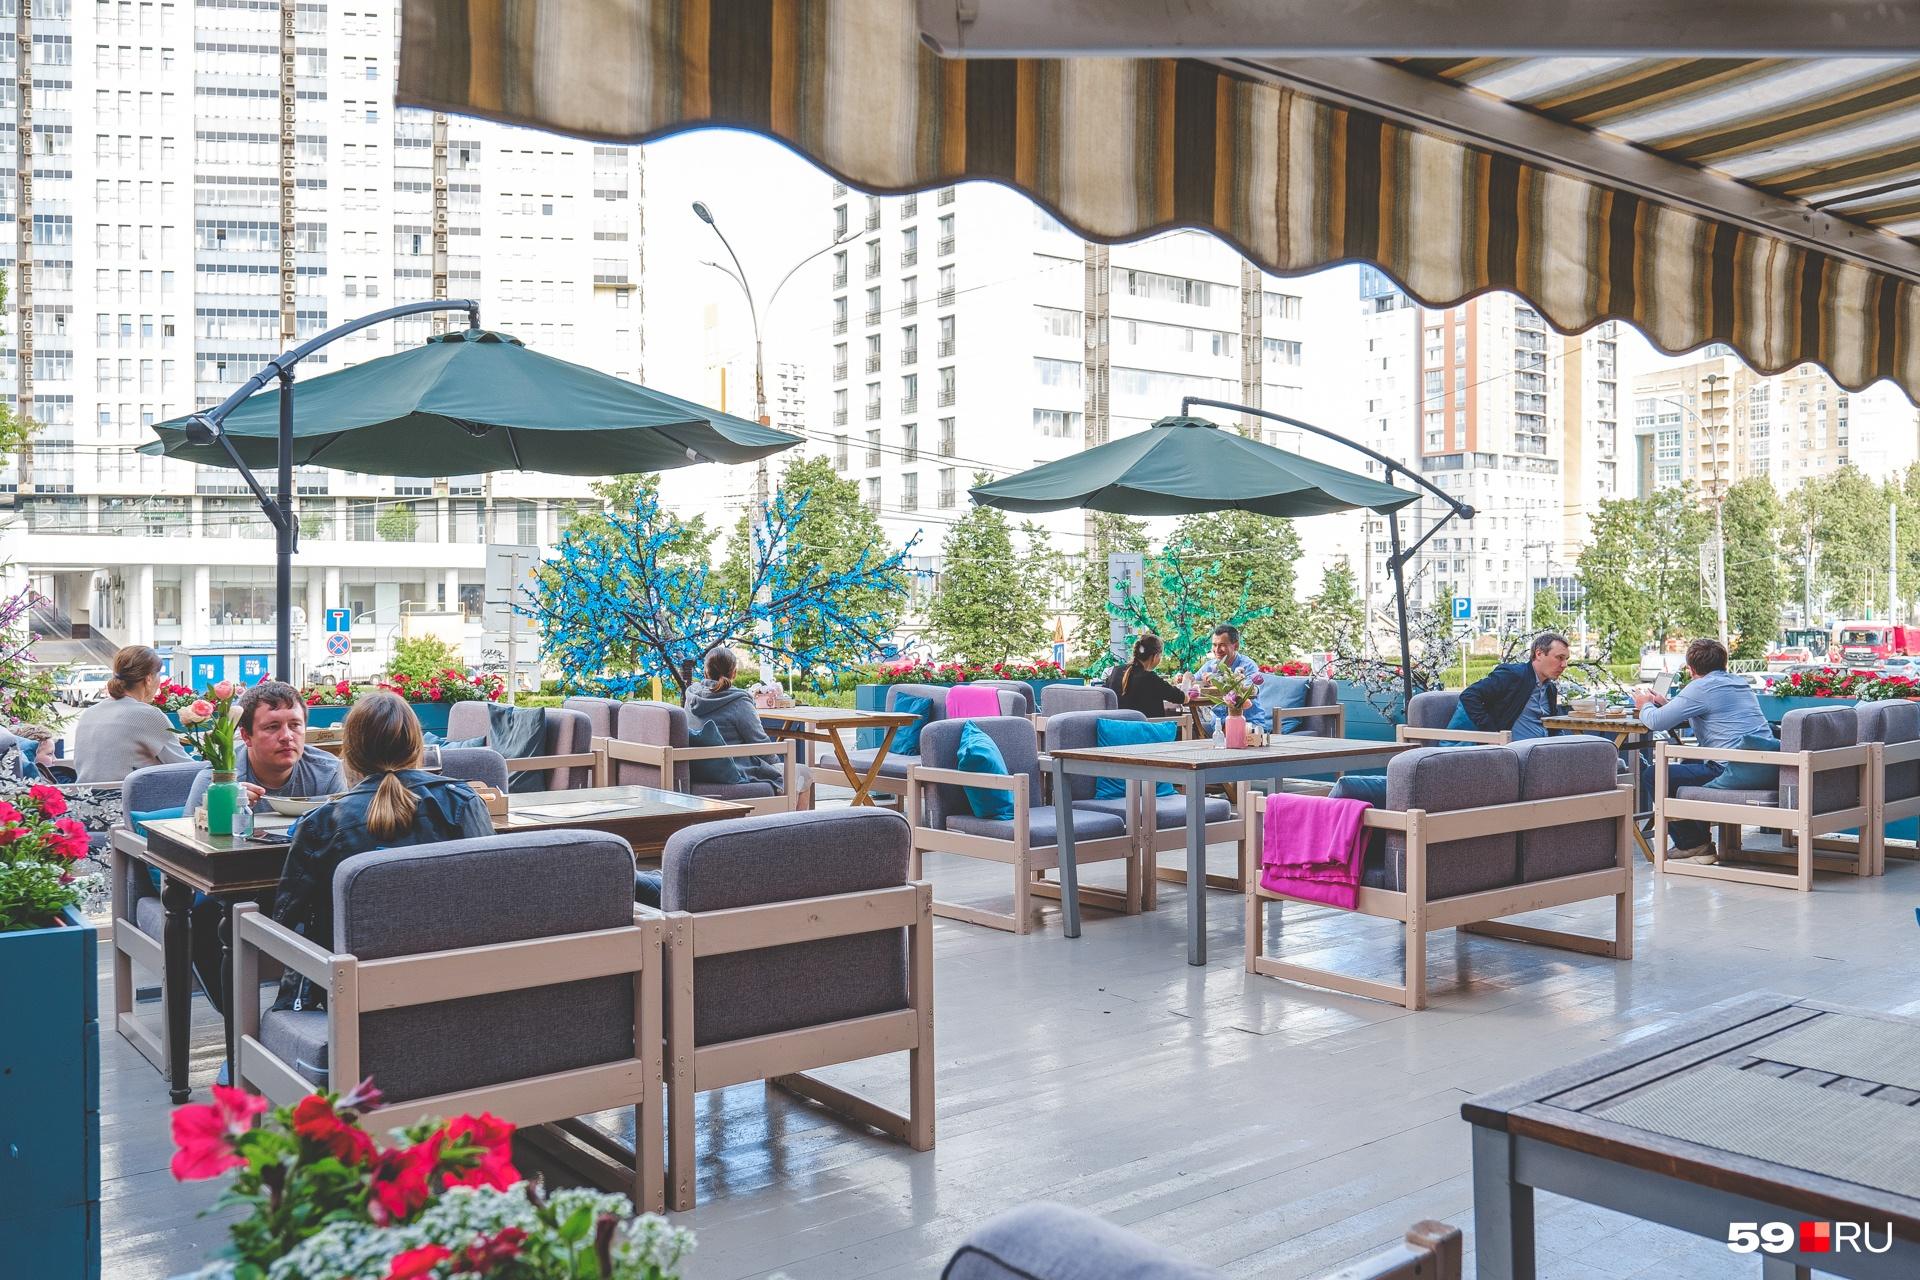 Веранда ресторана «Компот» находится на возвышении, так что проходящая рядом улица не мешает